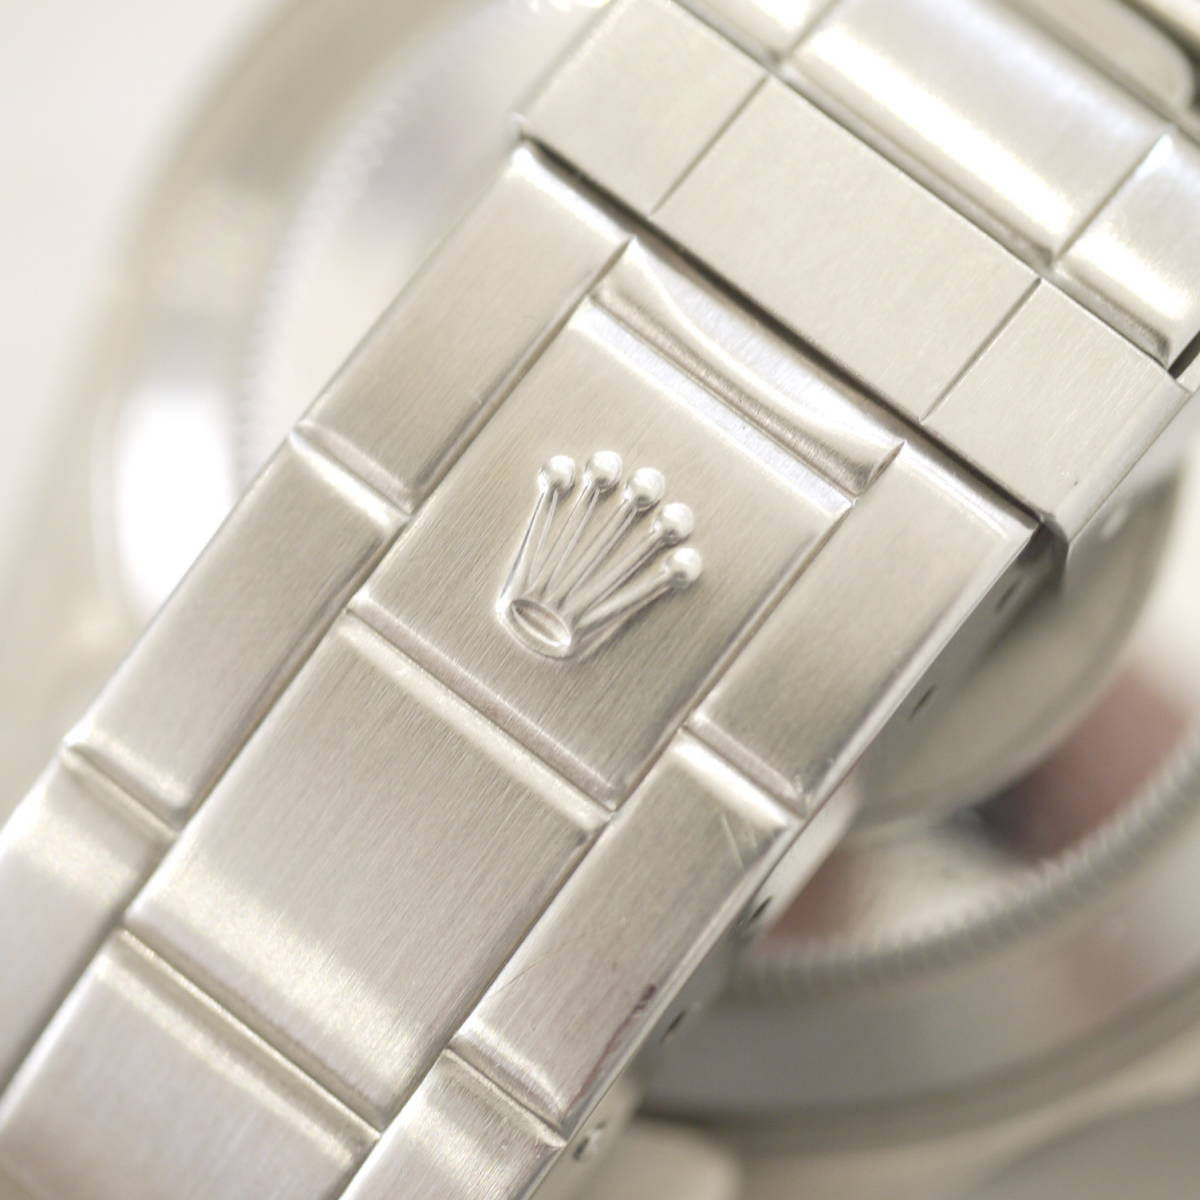 早い者勝ち!! 100%正規品 ROLEX ロレックス サブマリーナ メンズ 自動巻き 腕時計 オートマ 14060M ブラック 黒_画像7